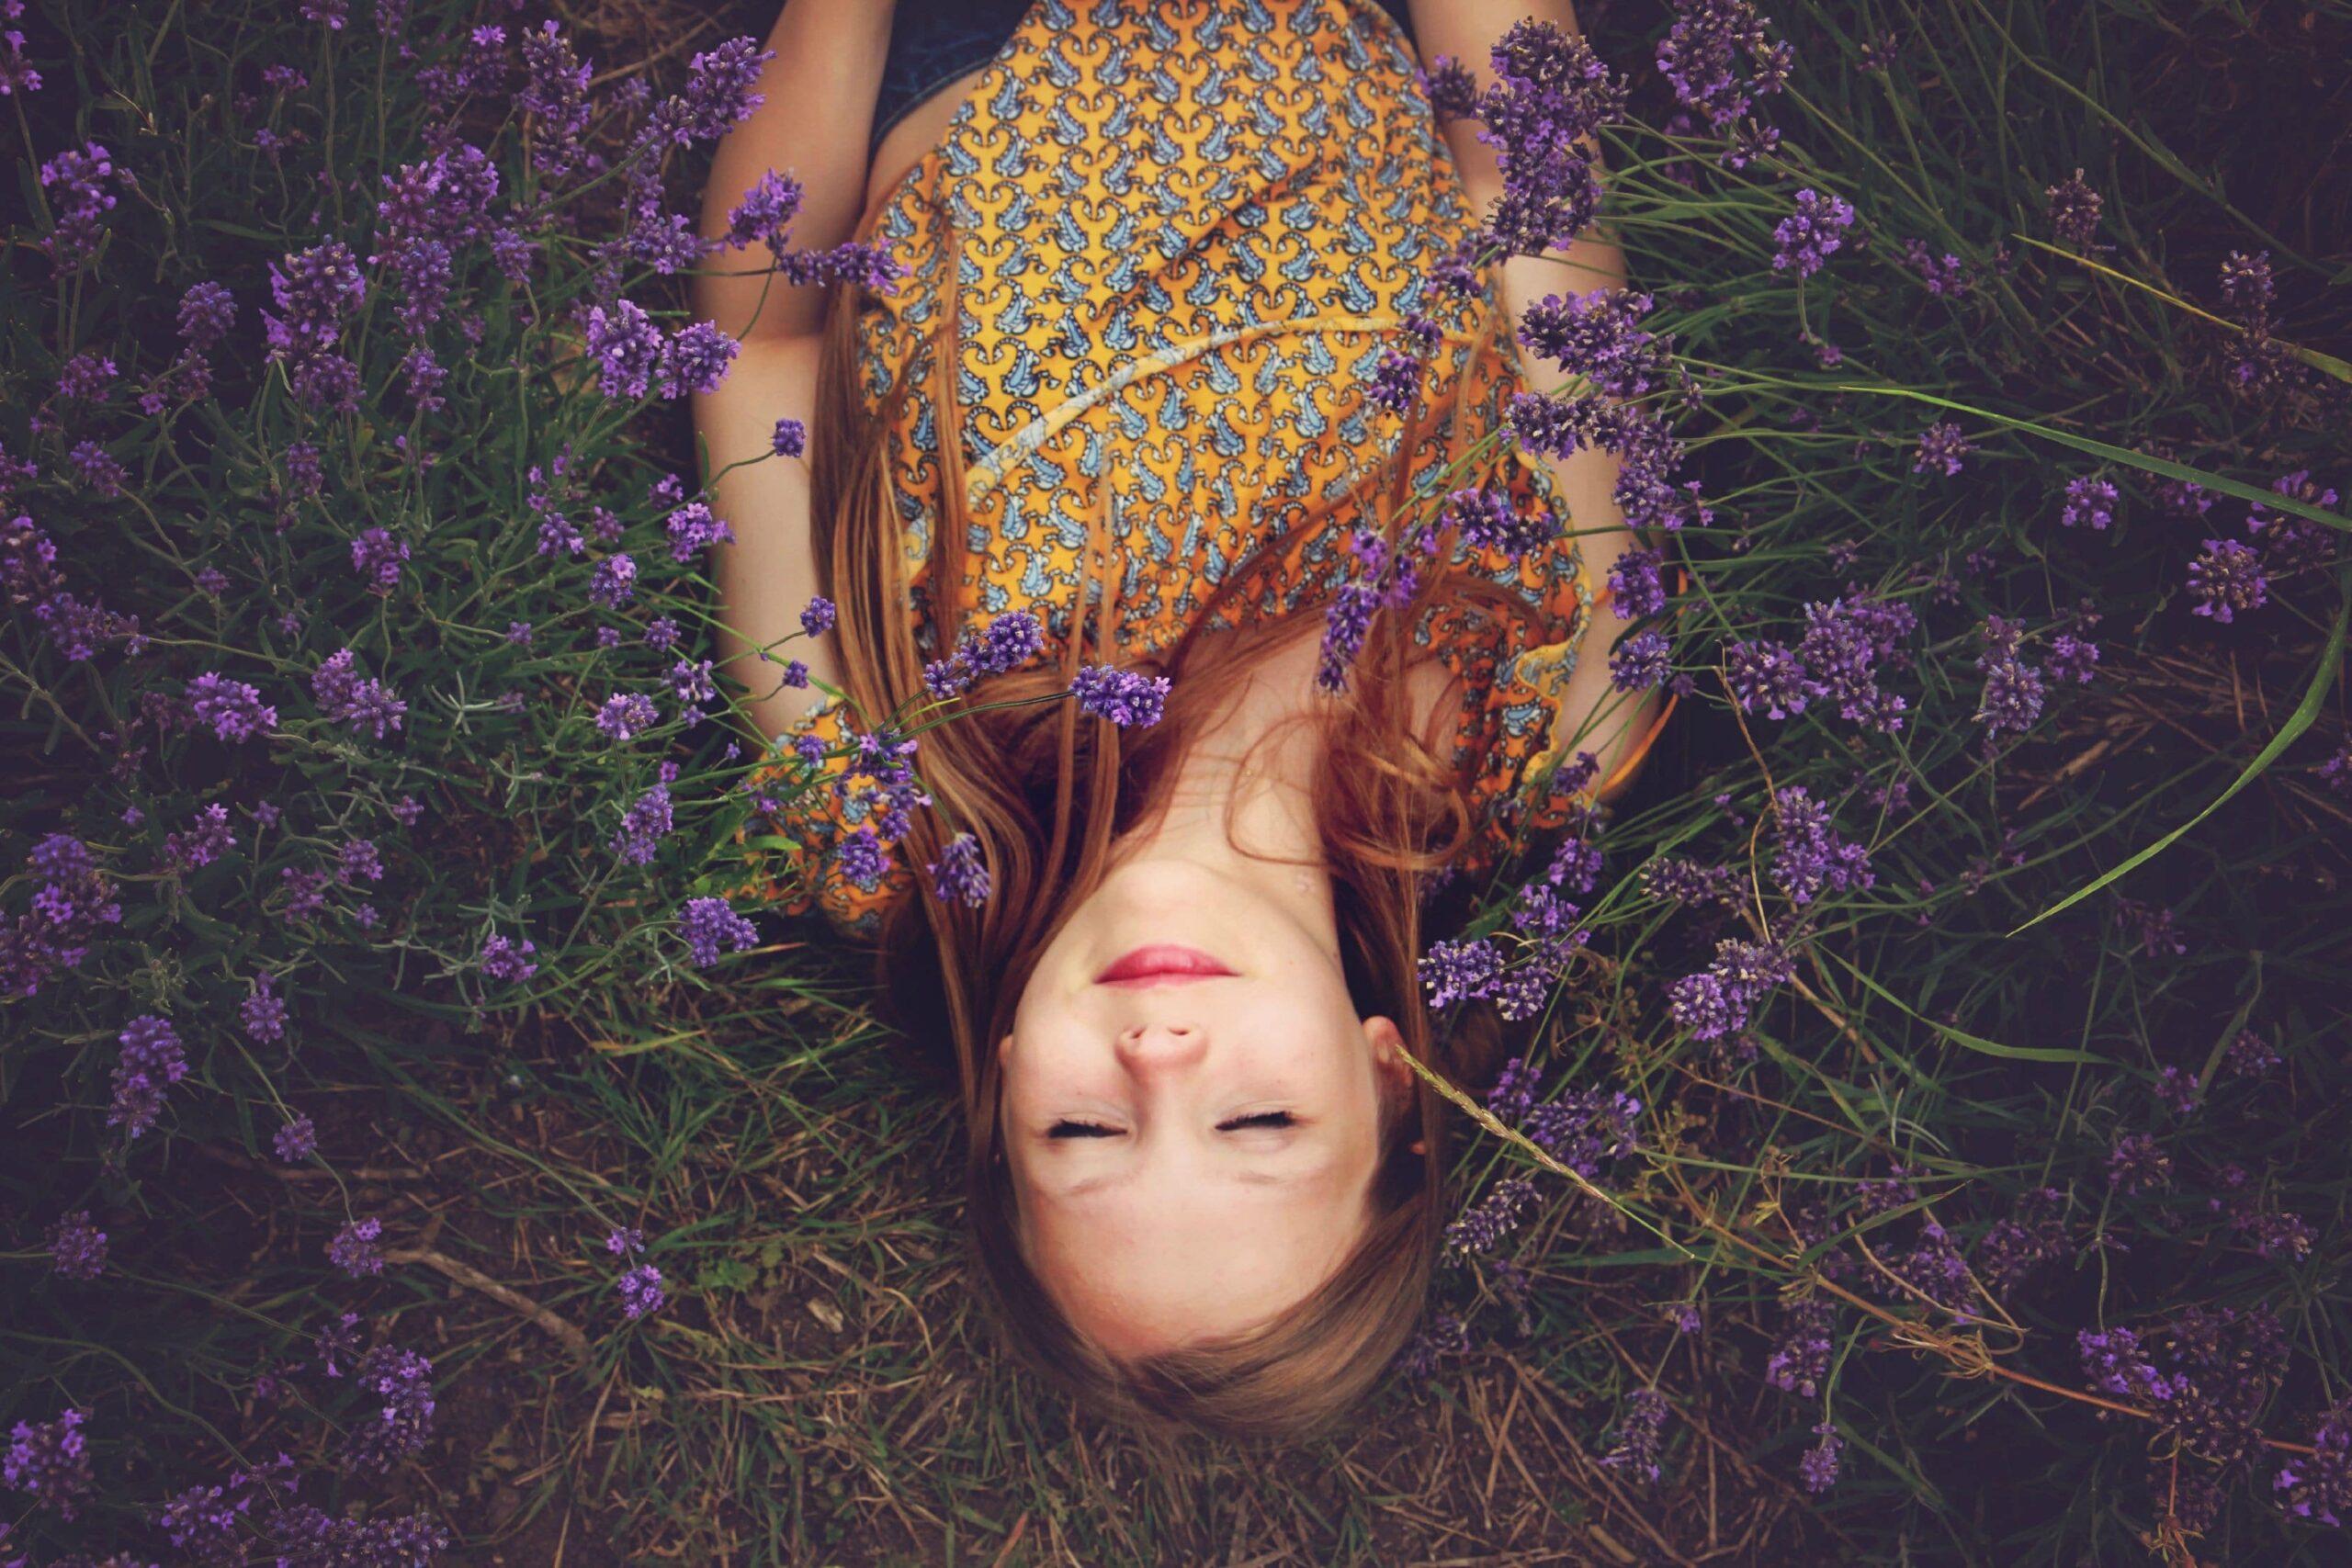 Jonge vrouw ligt in een wei met paarse bloemen